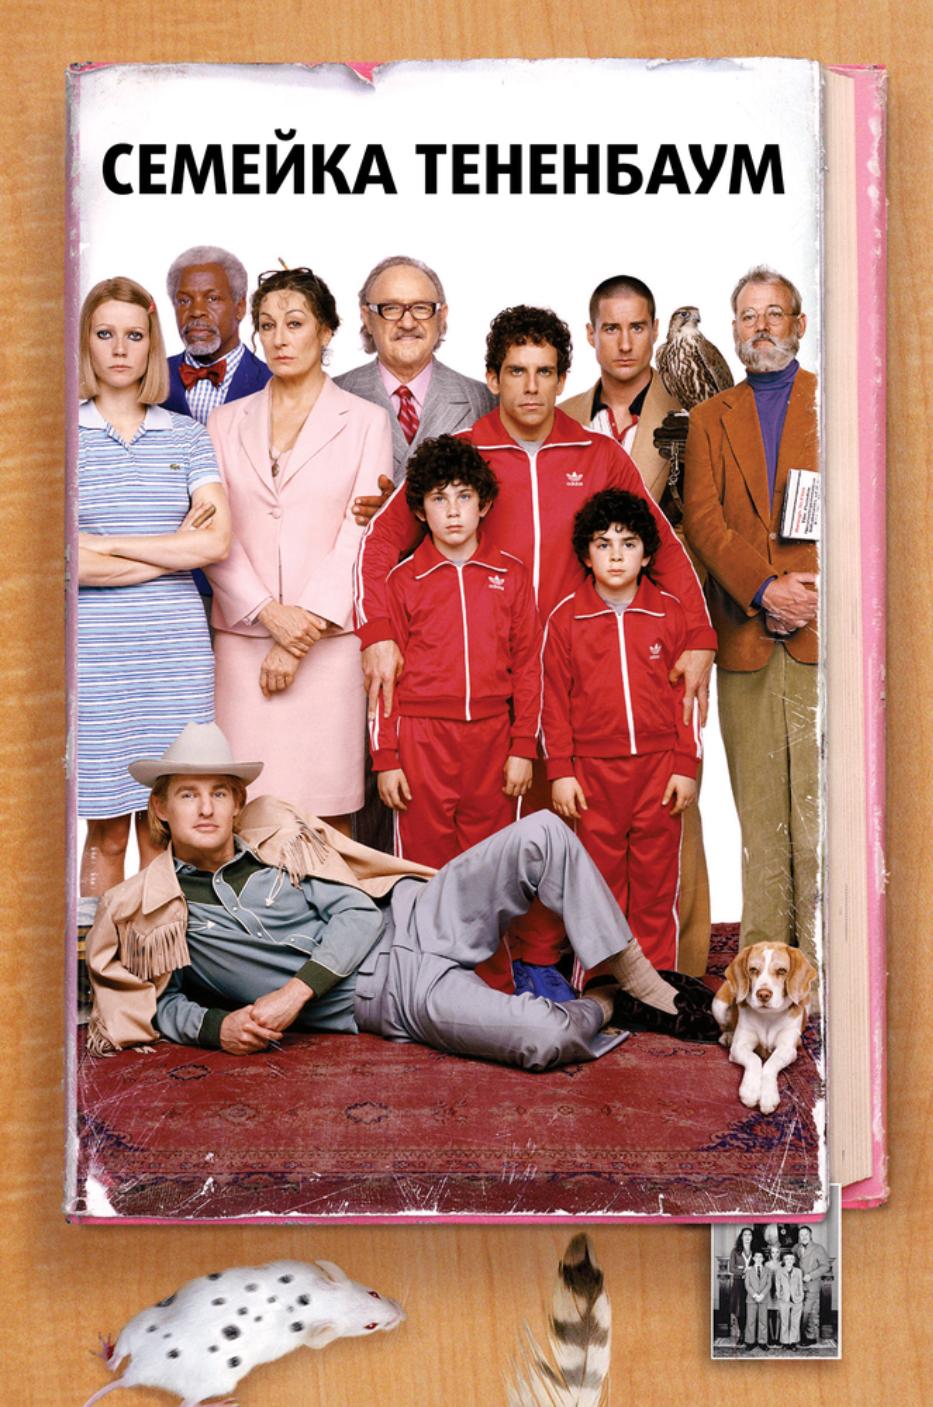 Семейка Тененбаум (2001) - OST